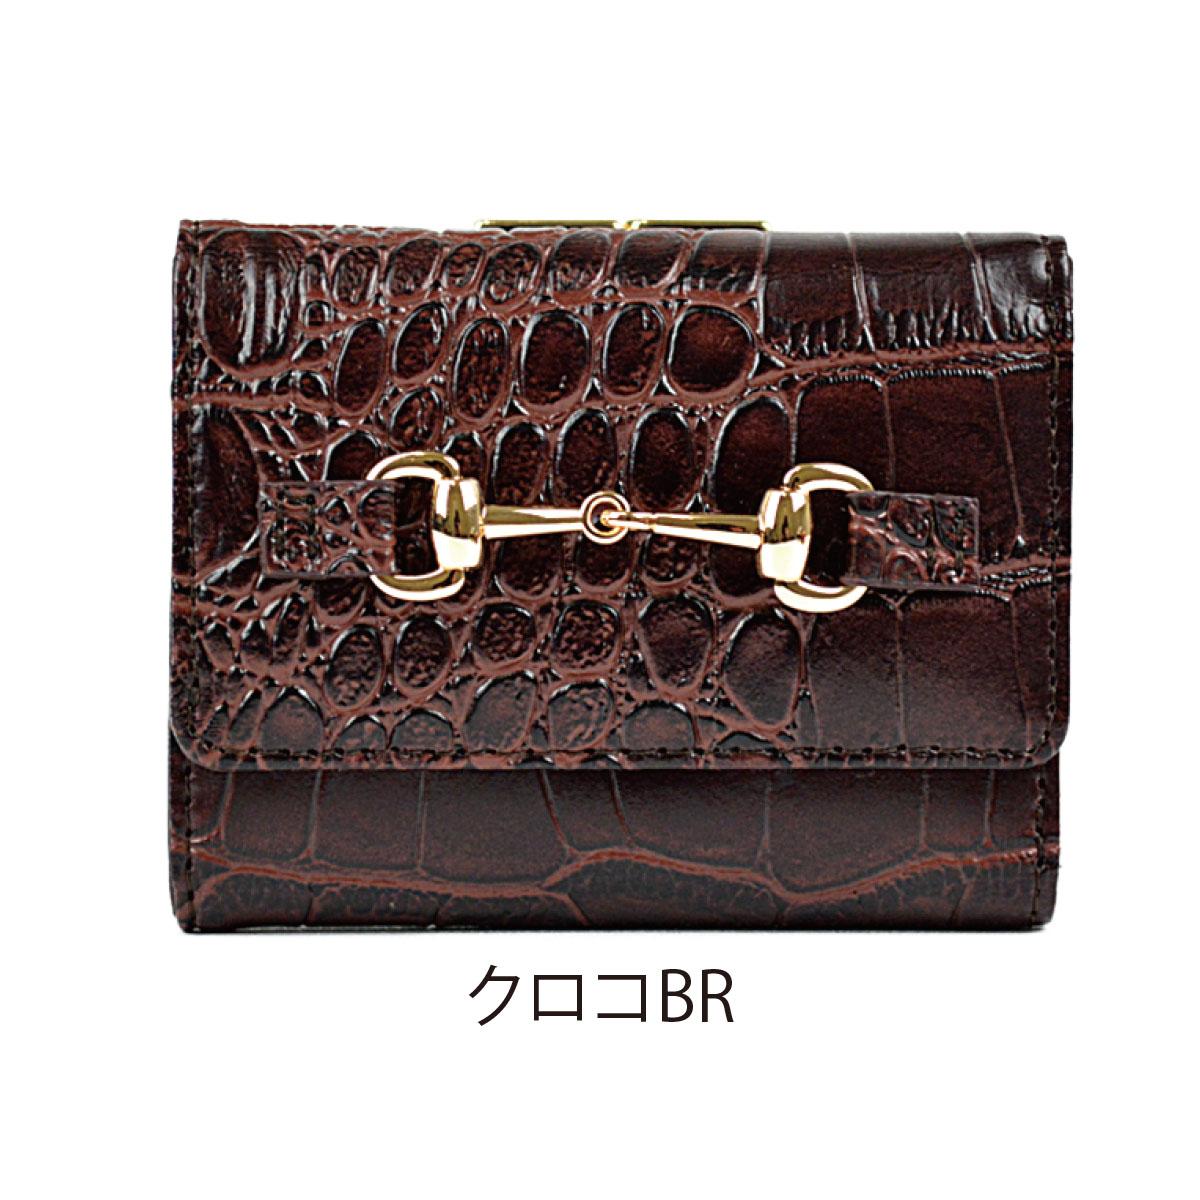 ビット 三つ折り財布 がま口ミニ財布 [アガサ] / レディース ウォレット